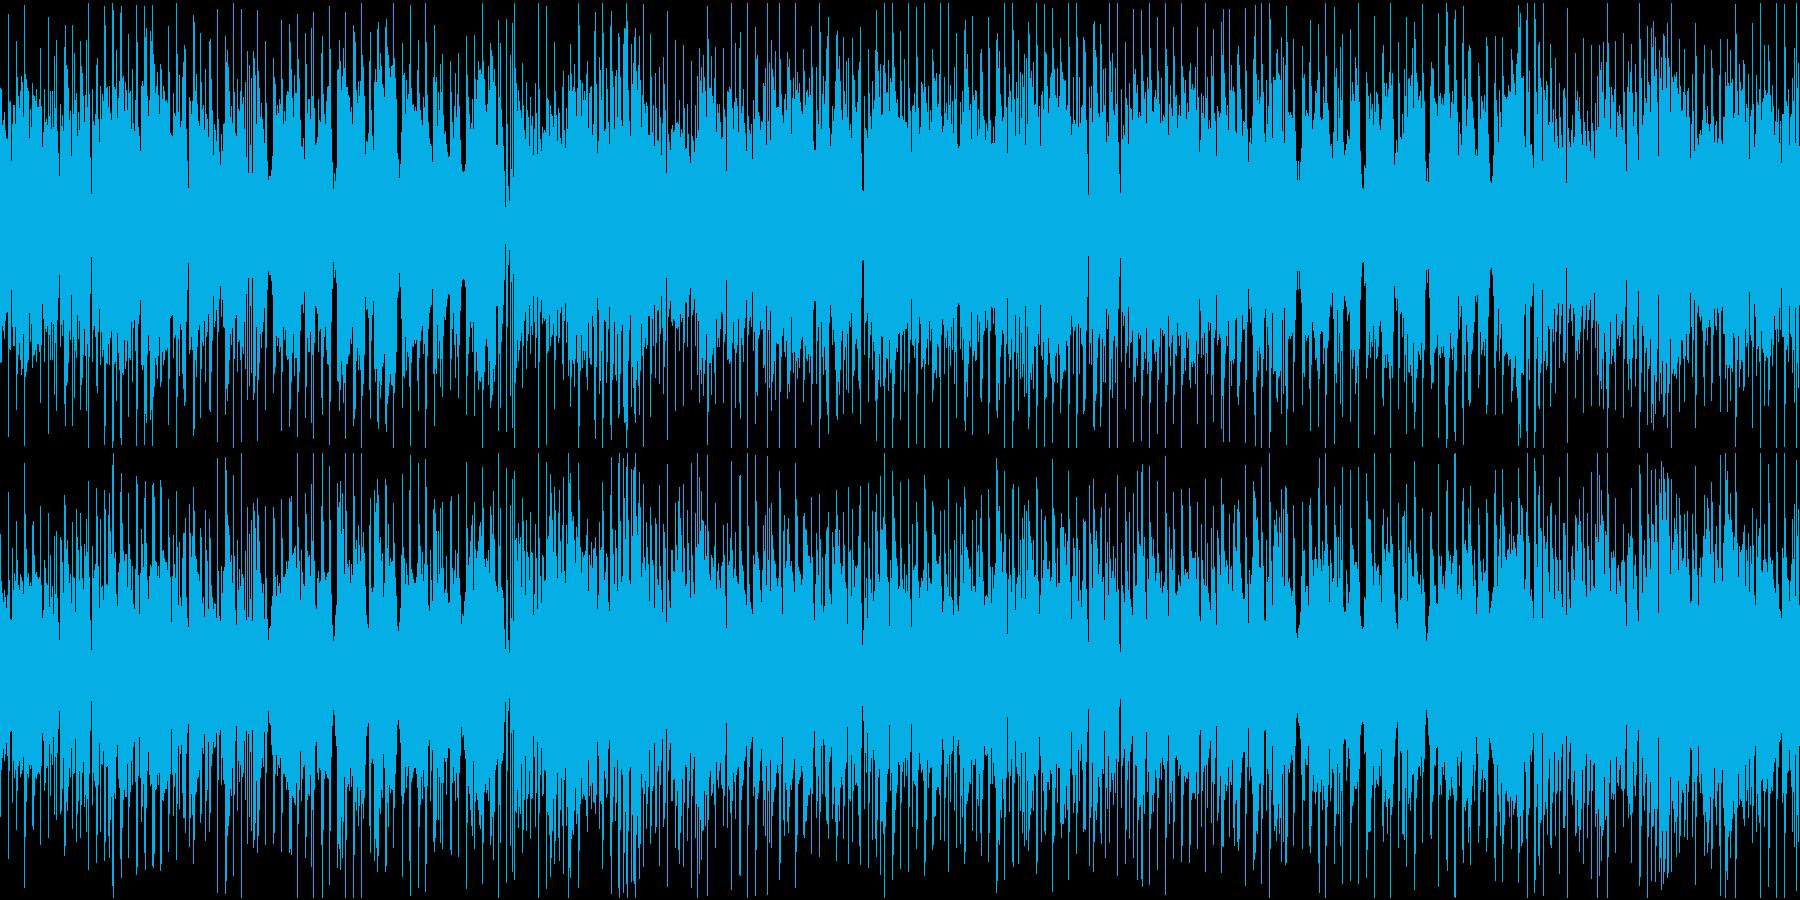 ポップで明るい爽やかな可愛い日常系BGMの再生済みの波形